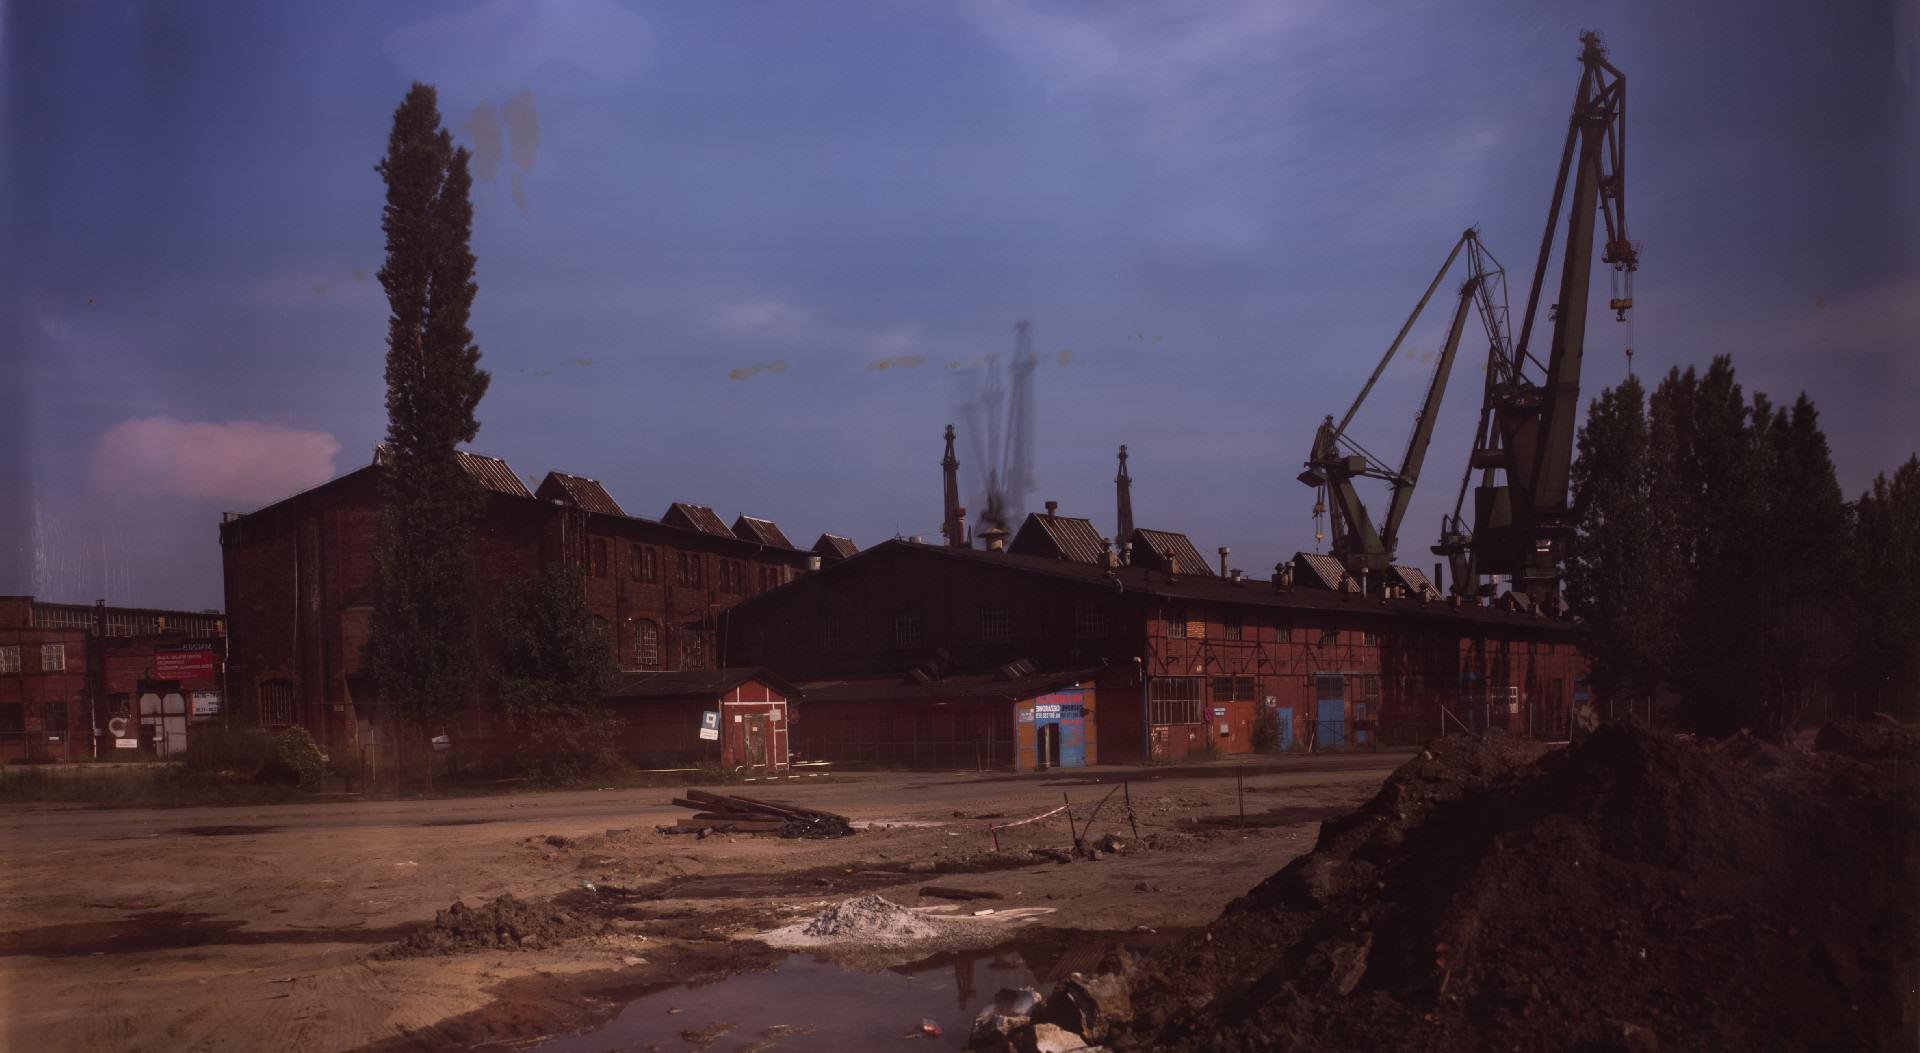 Wirtz-Kairos-Gdansk-1-fot-Roland Wirtz